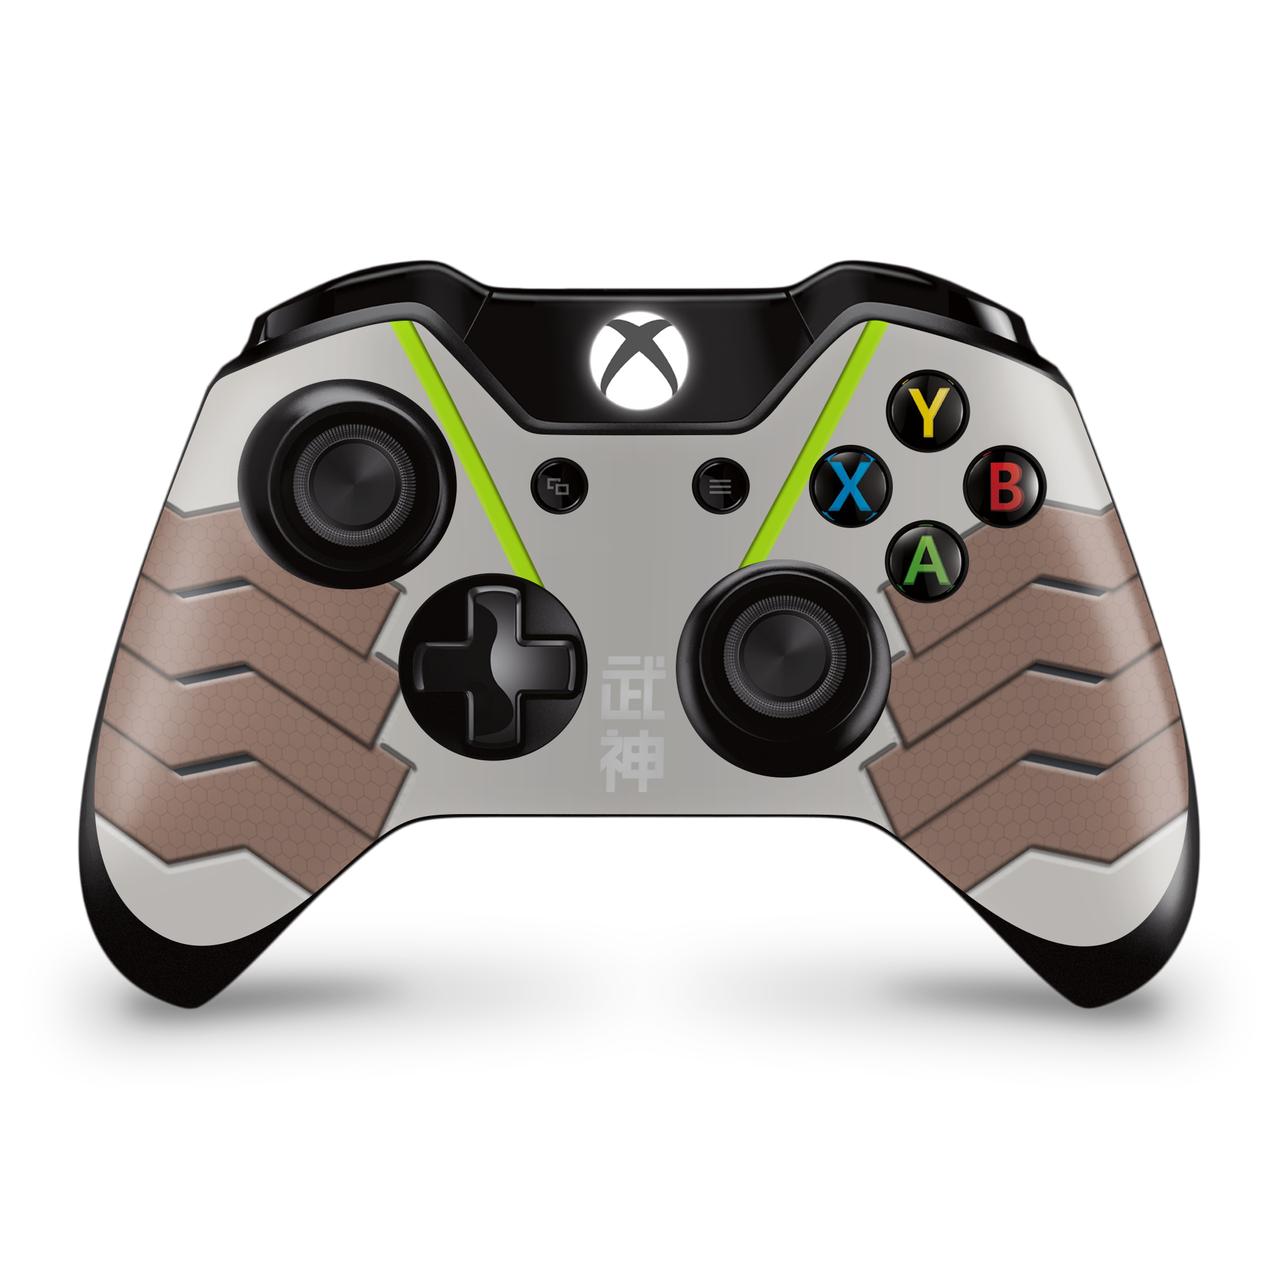 Genji Xbox One Controller Skin Overwatch Xbox Xbox One Xbox One Controller